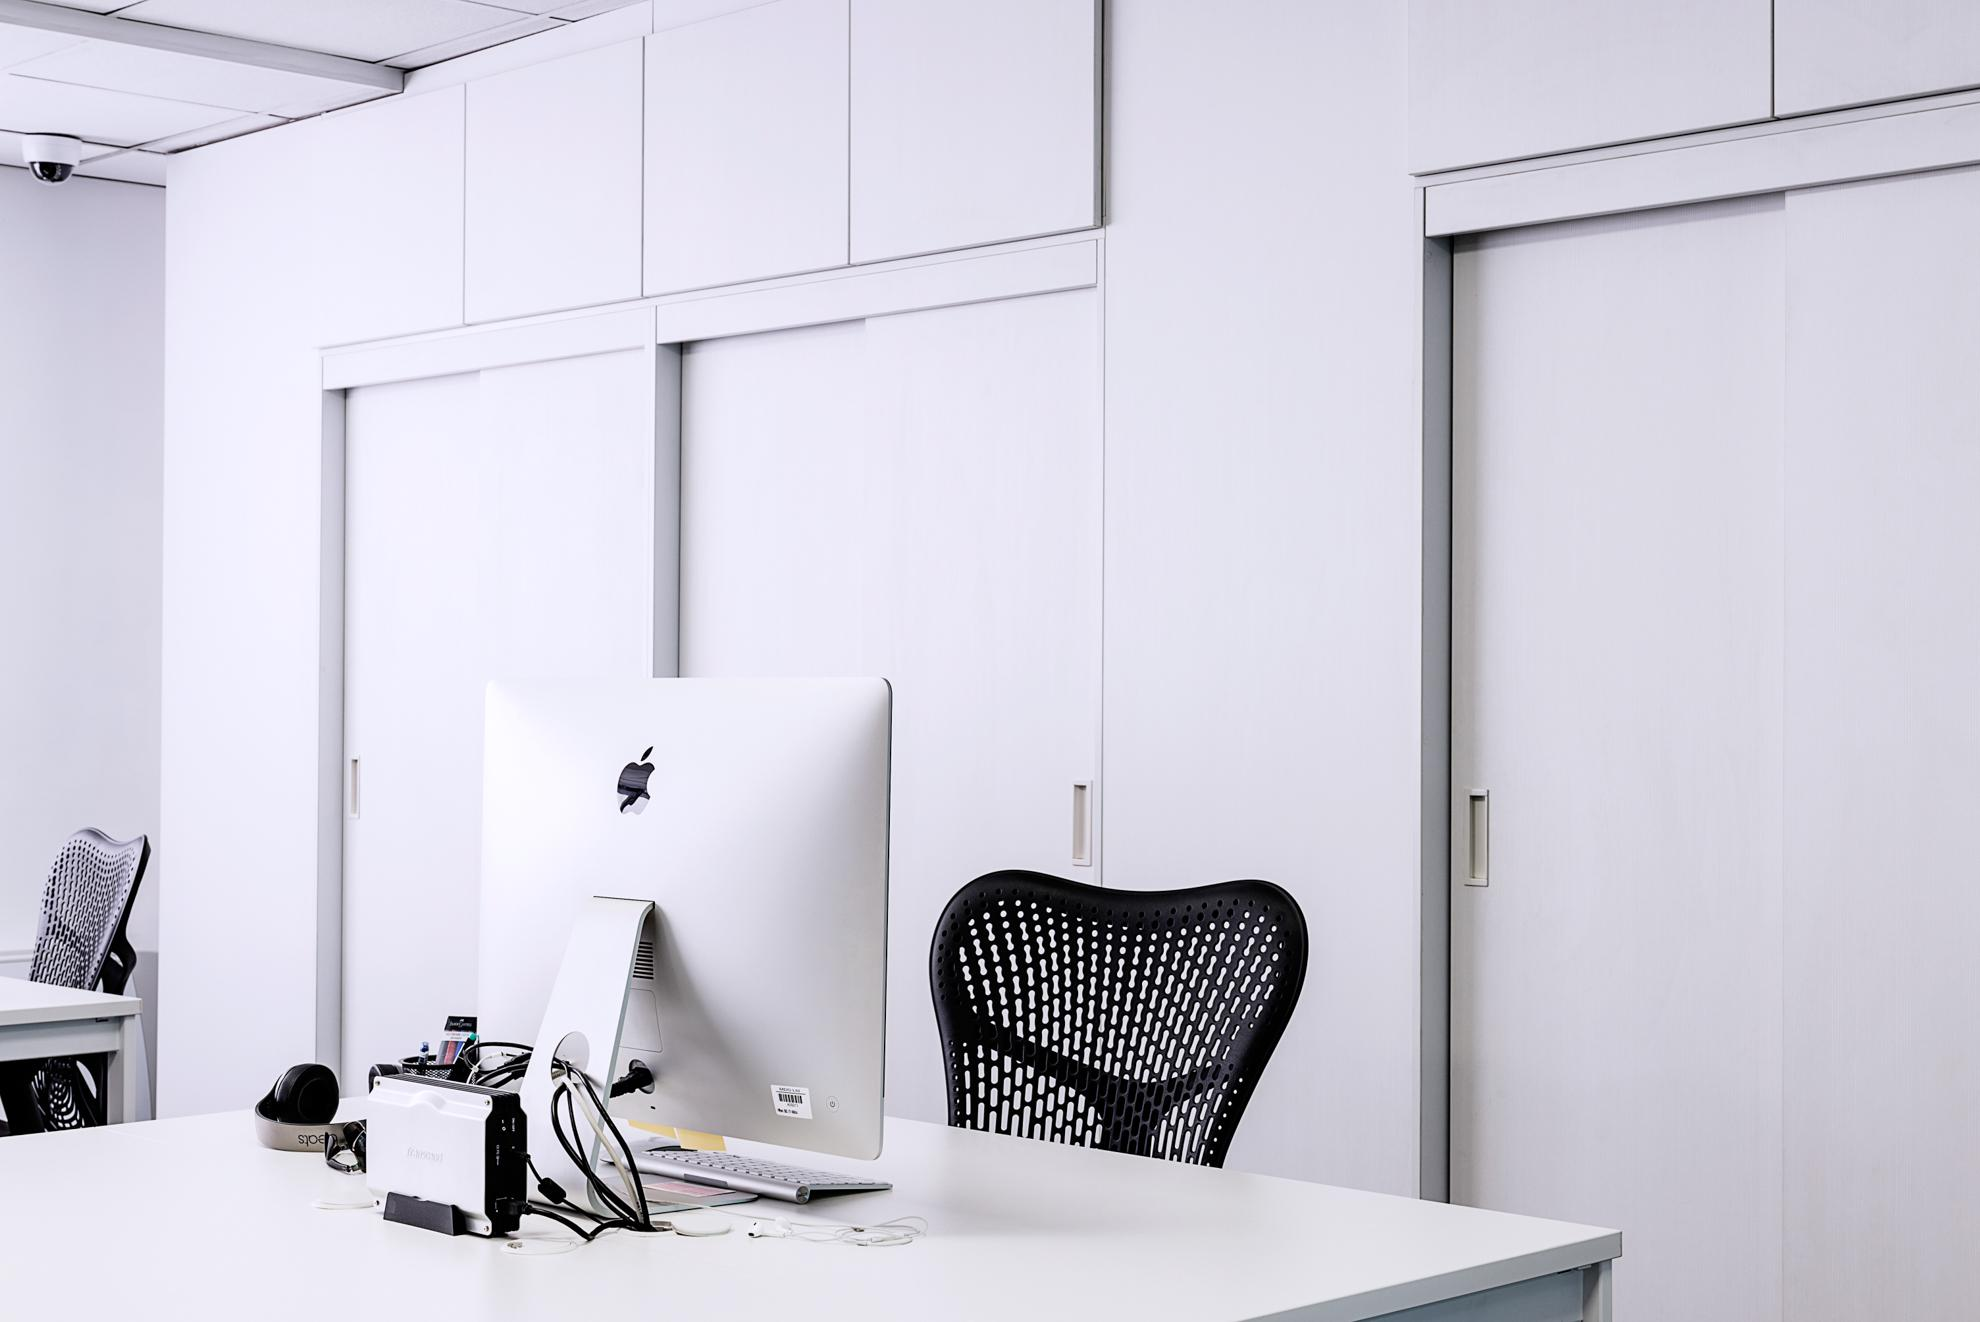 Entretien de bureaux et locaux professionnels